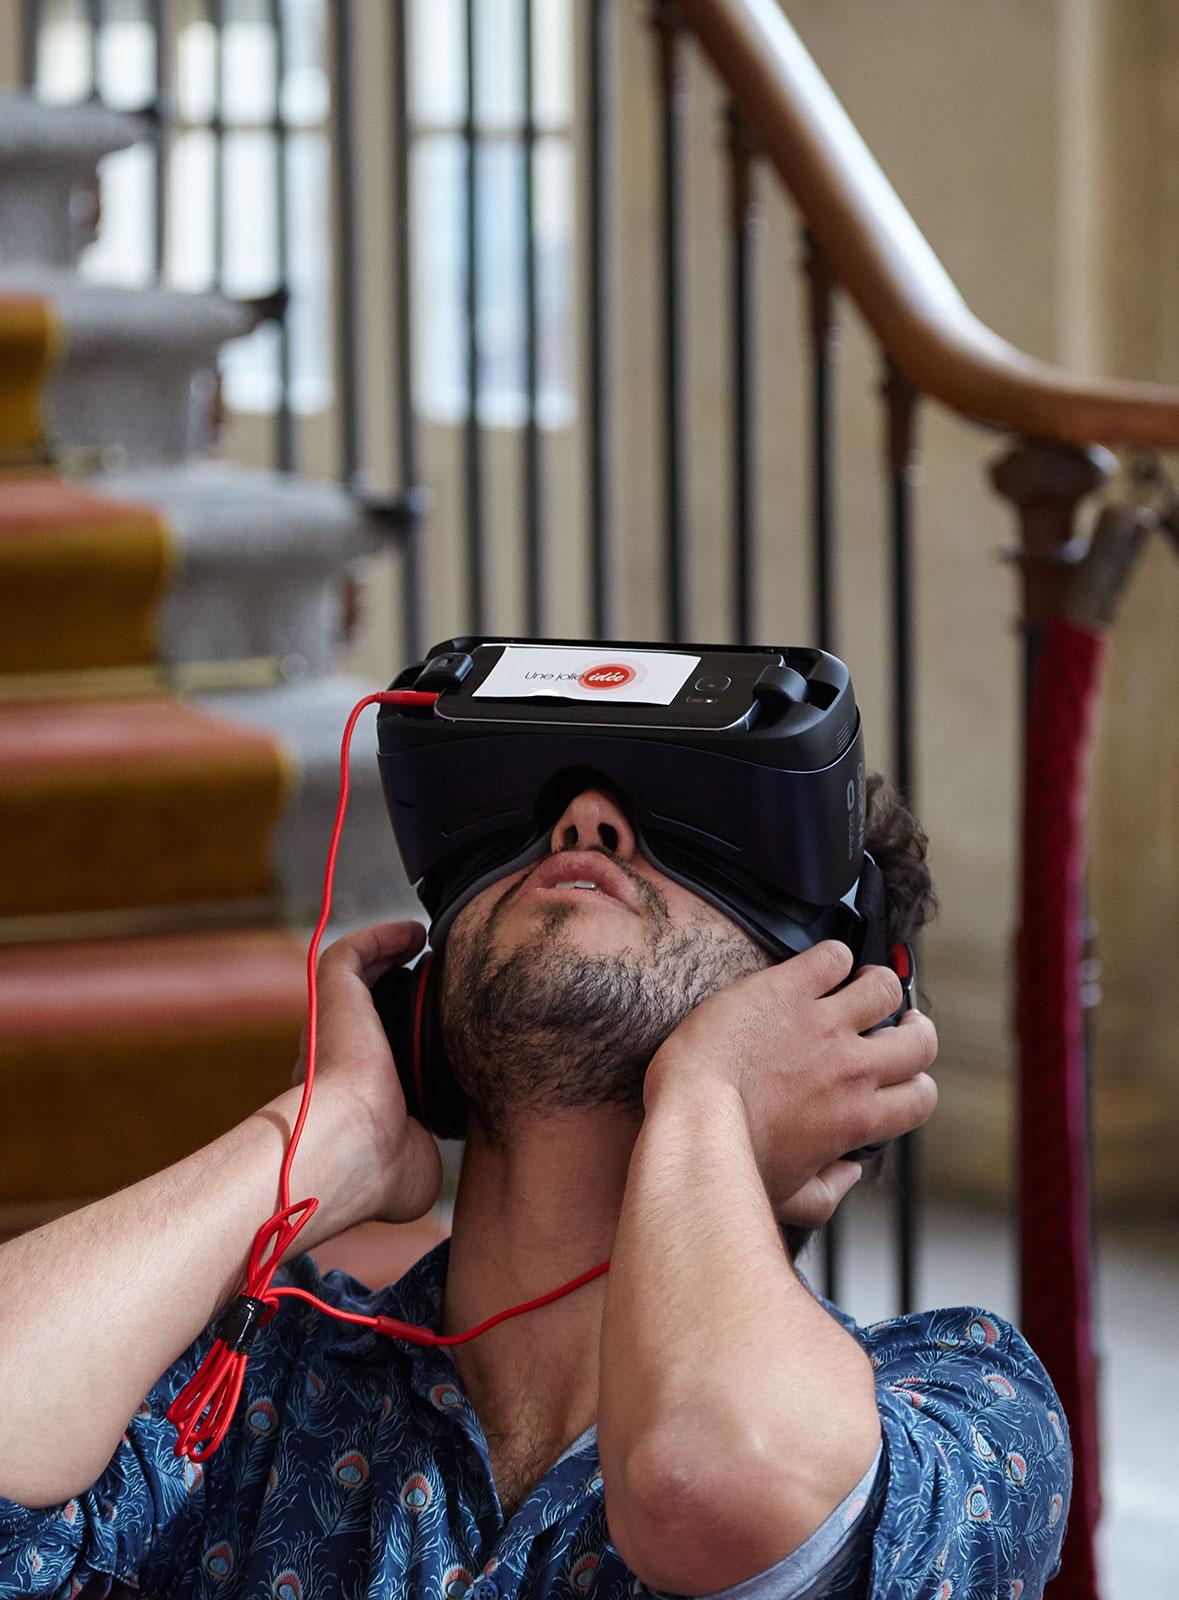 Opéra de Rennes - Carmen - Une jolie idée - Agence de réalité virtuelle - Production de photo sphérique et de vidéo 360°